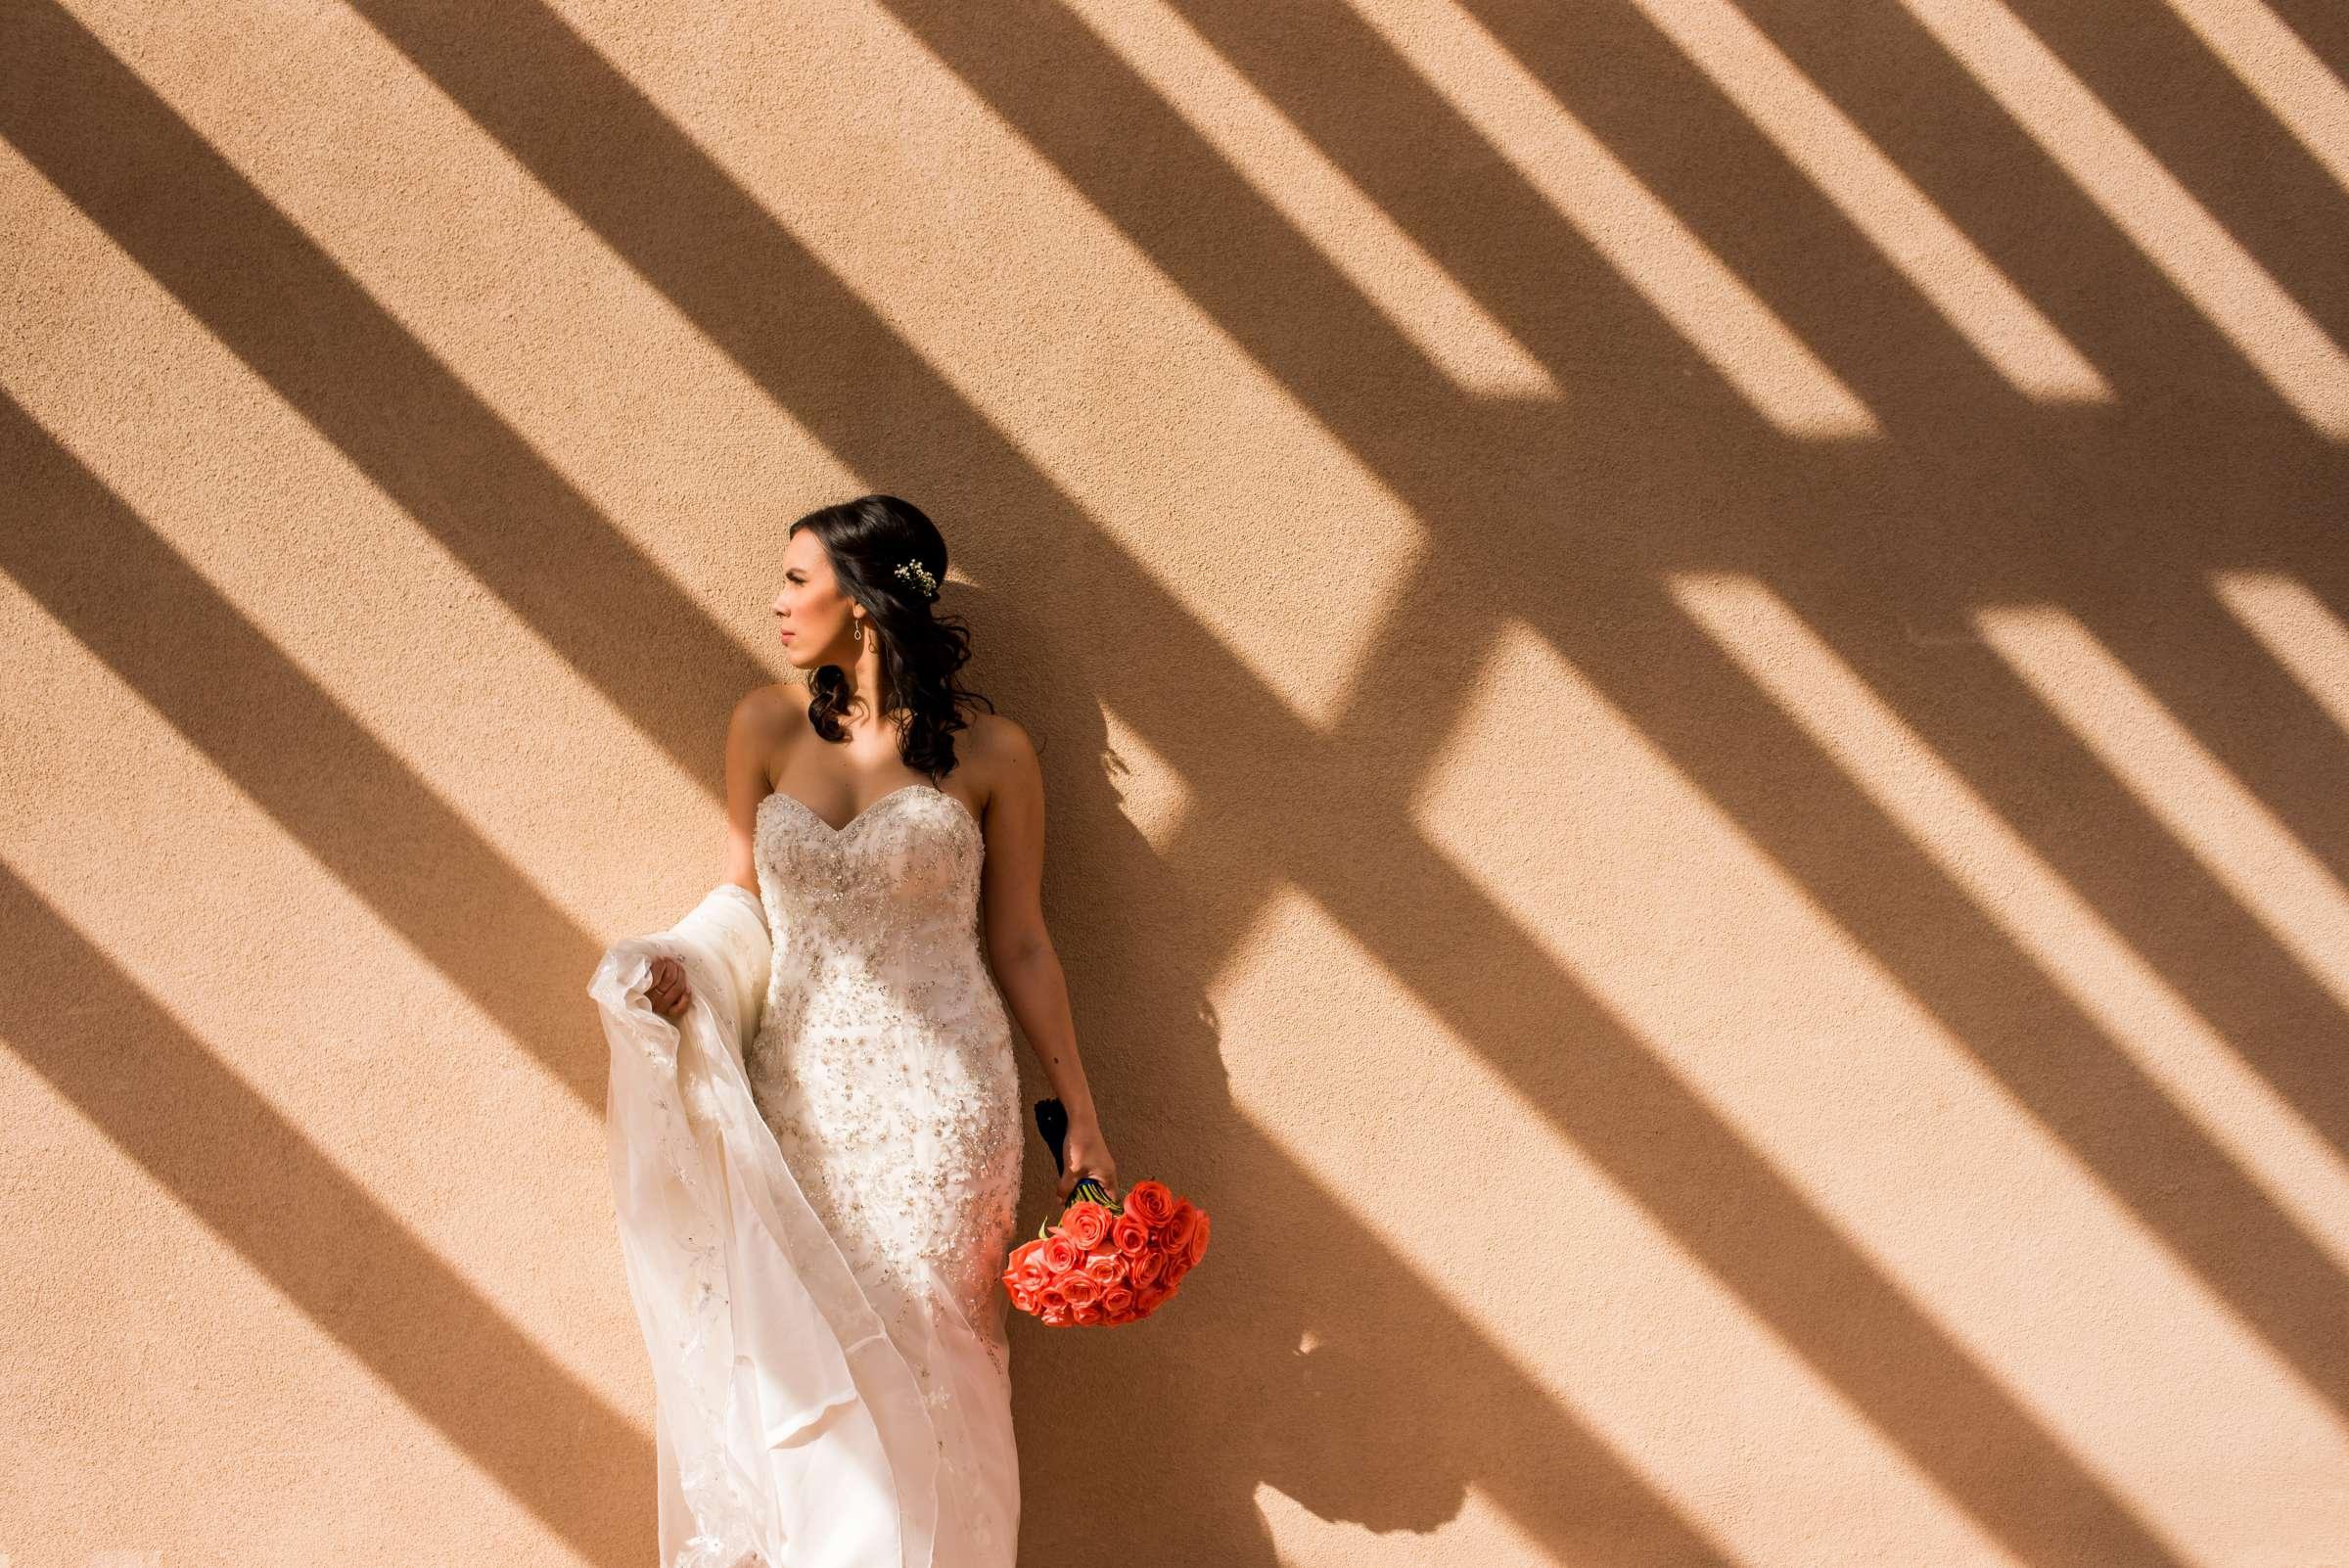 Hannah Smith Events | San Diego Photographer - True Photography